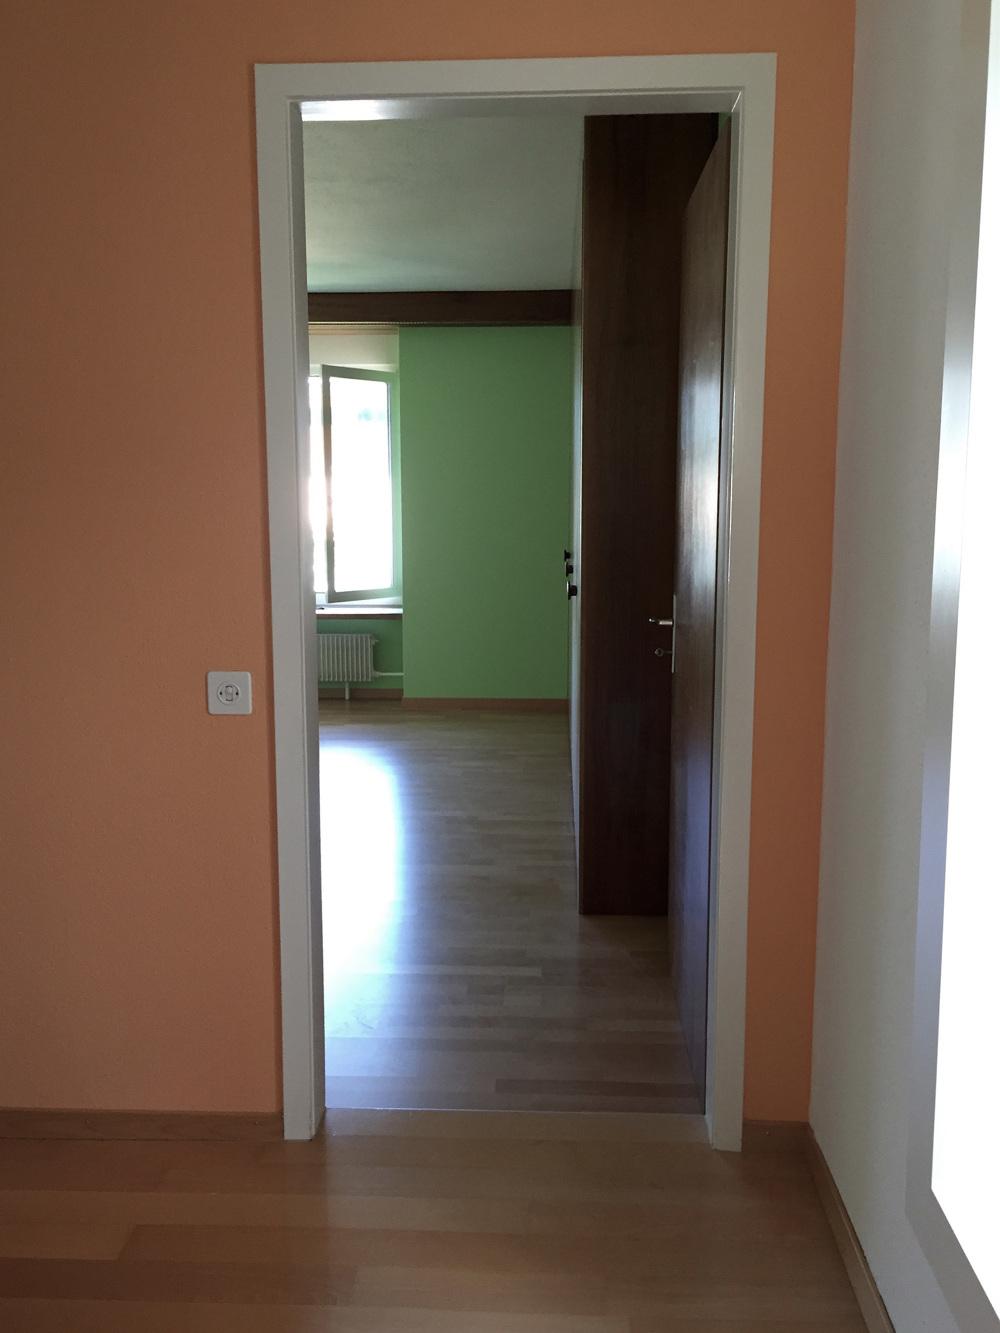 Einfamilienhaus in zug hohl und fry farbgestalter gmbh for Einfamilienhaus innen